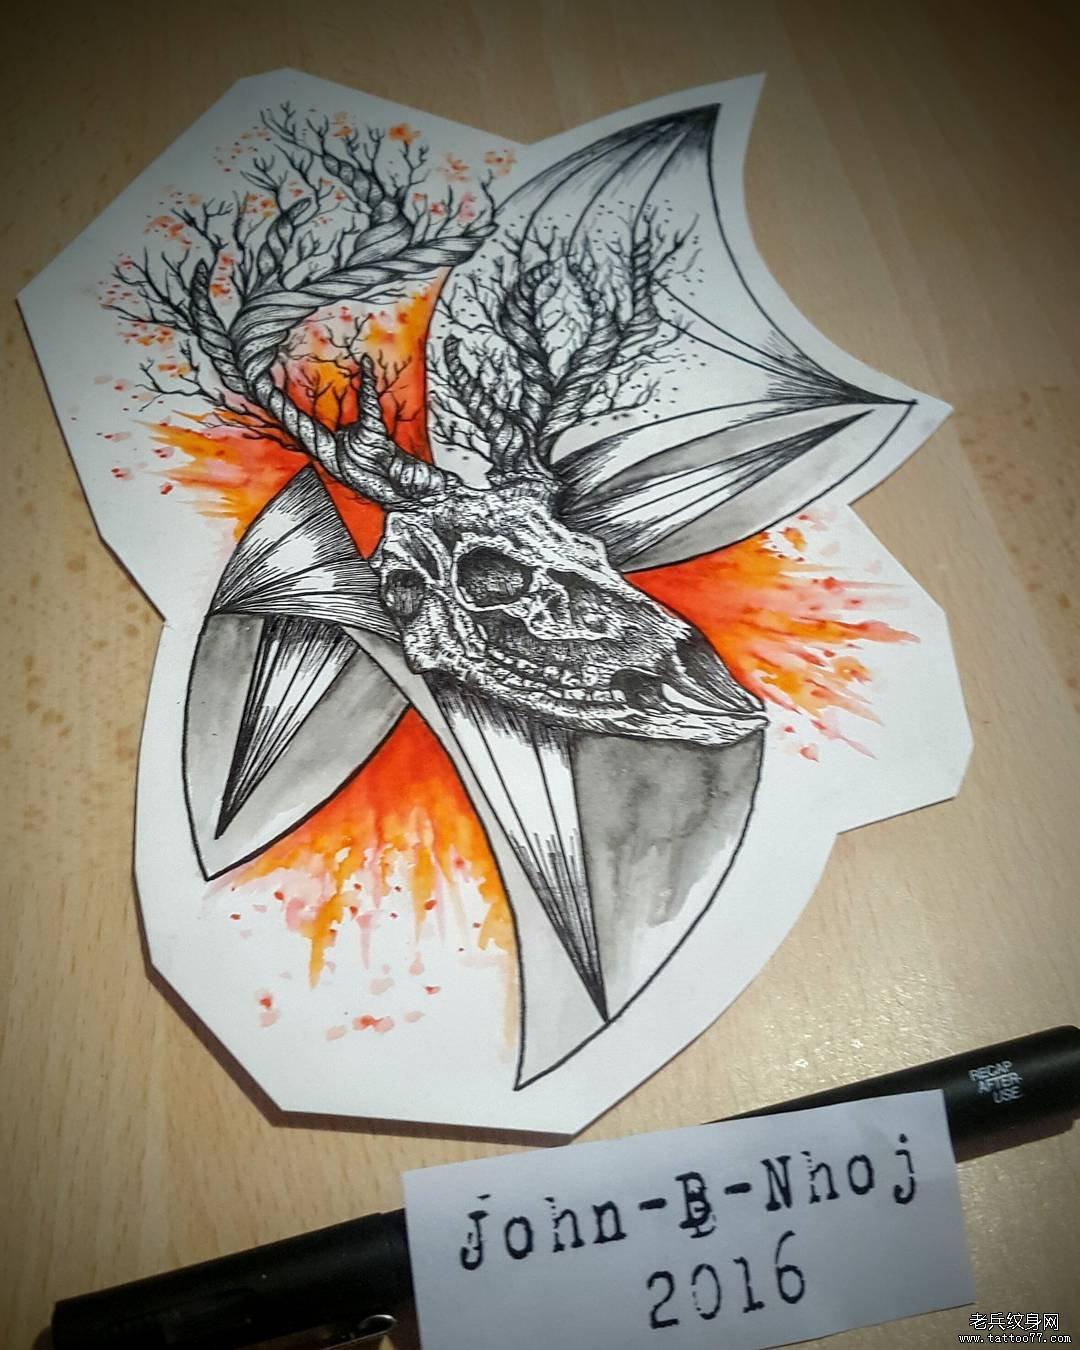 欧美线条点刺骷髅鹿水彩泼墨纹身图案手稿